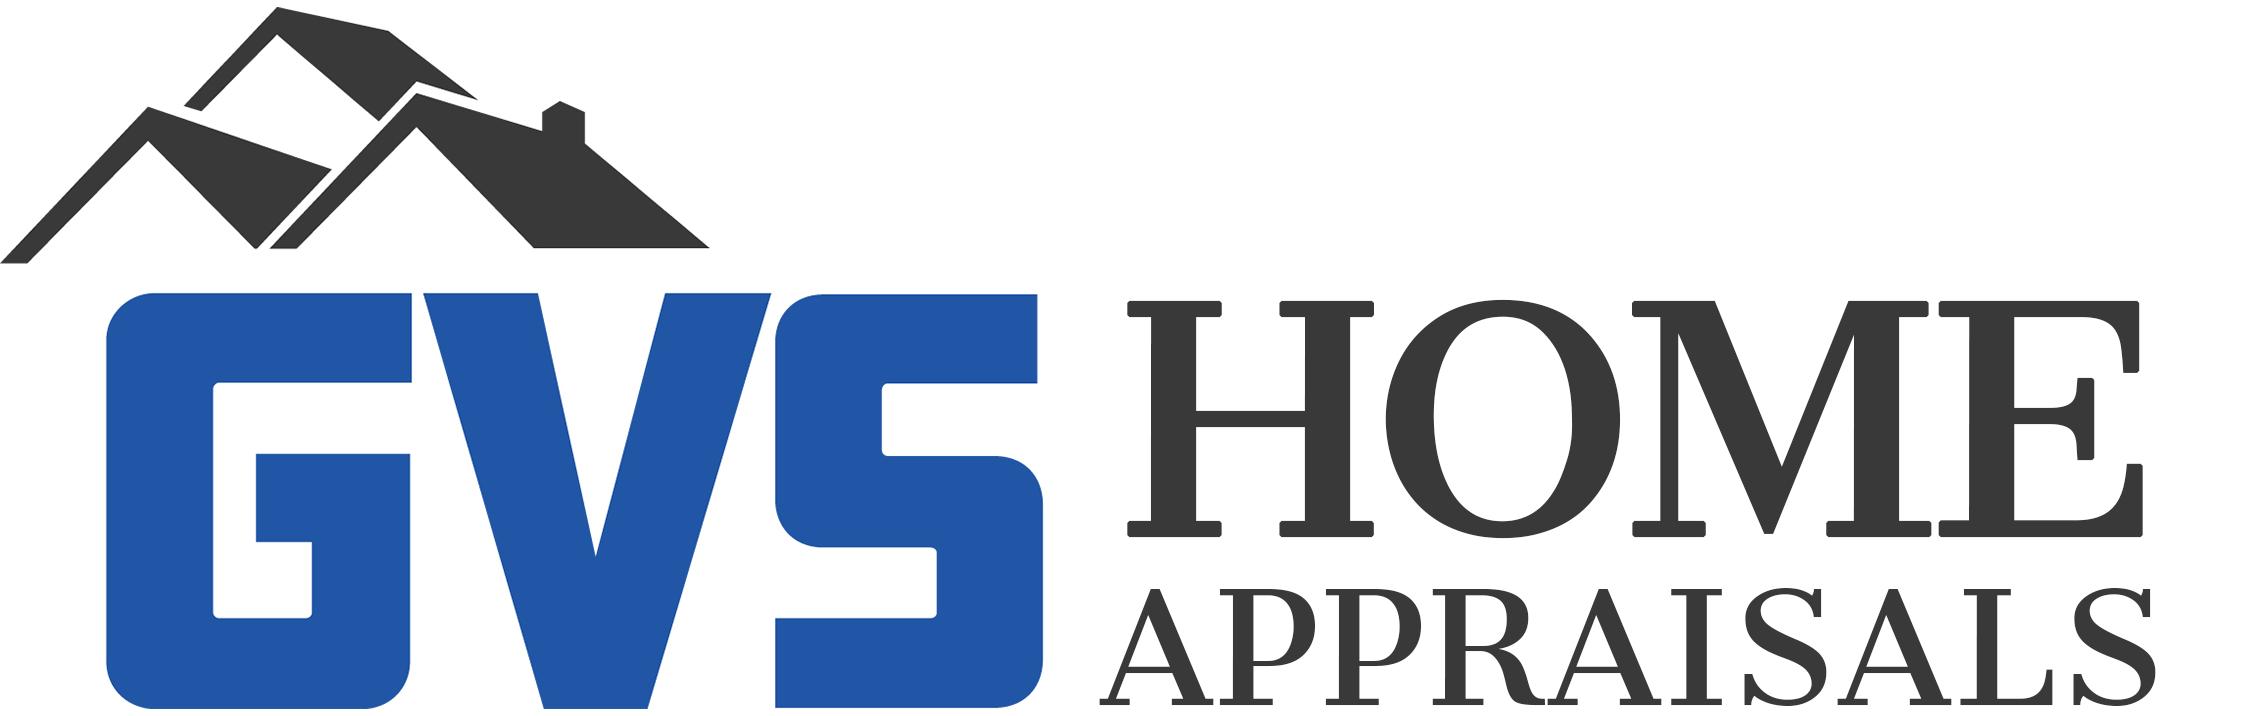 Junior Residential Appraiser